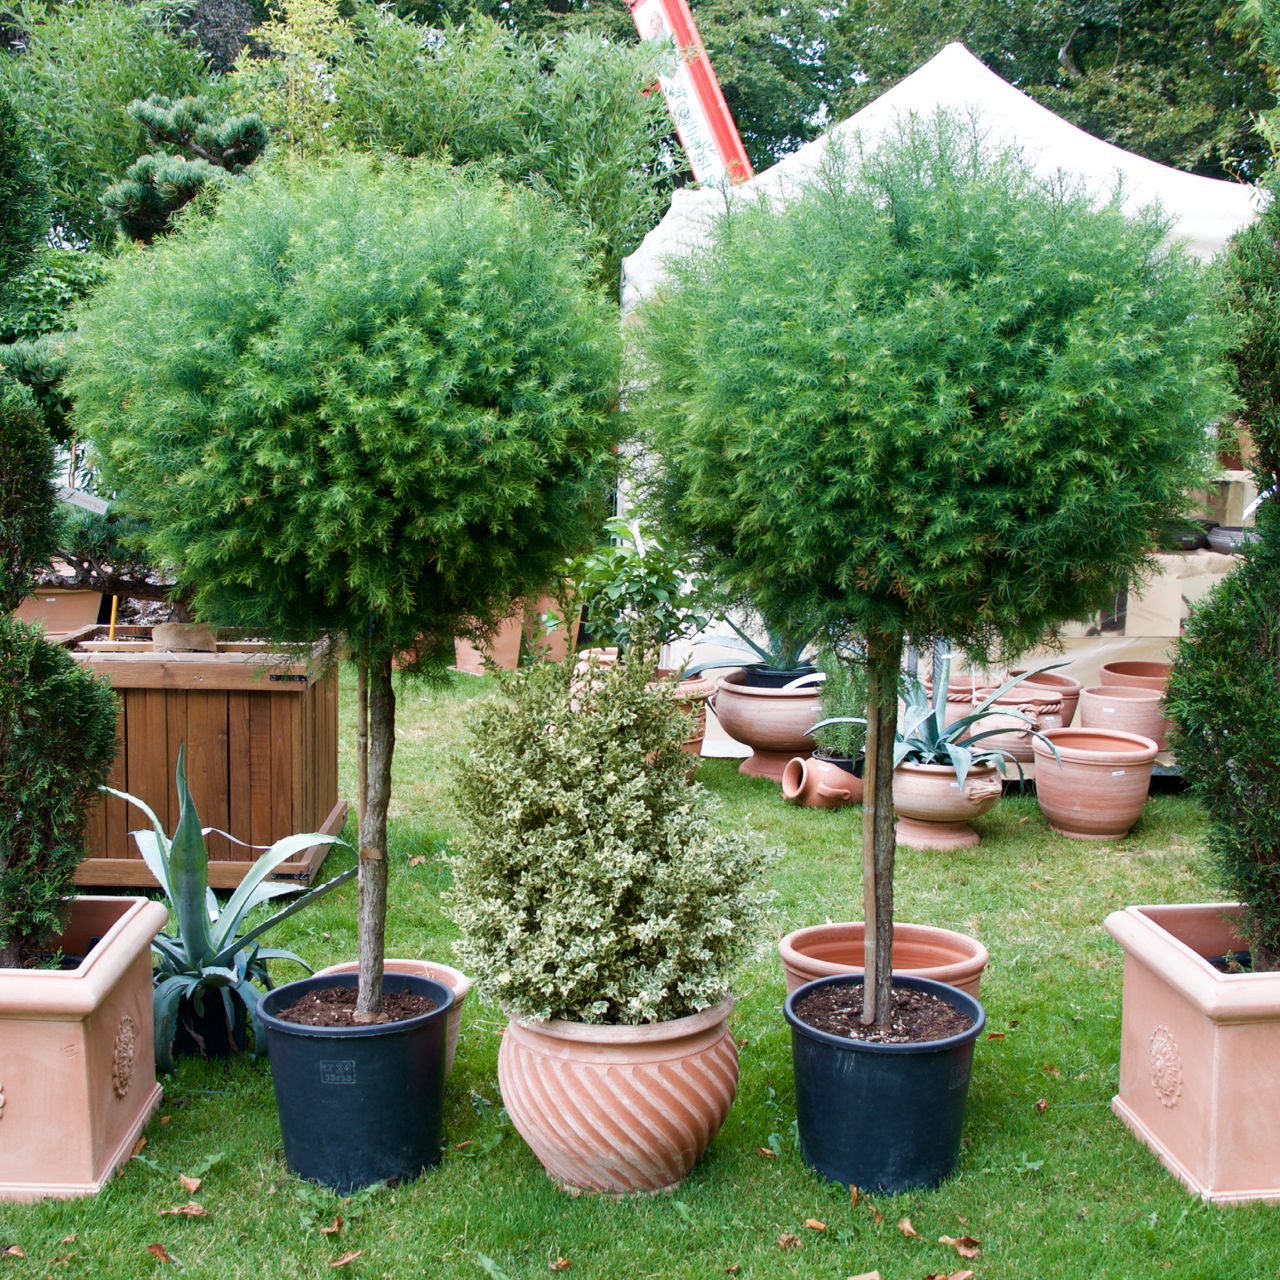 Bilder Trädgård Fler SofieroArkitektens Från QdthxrsC